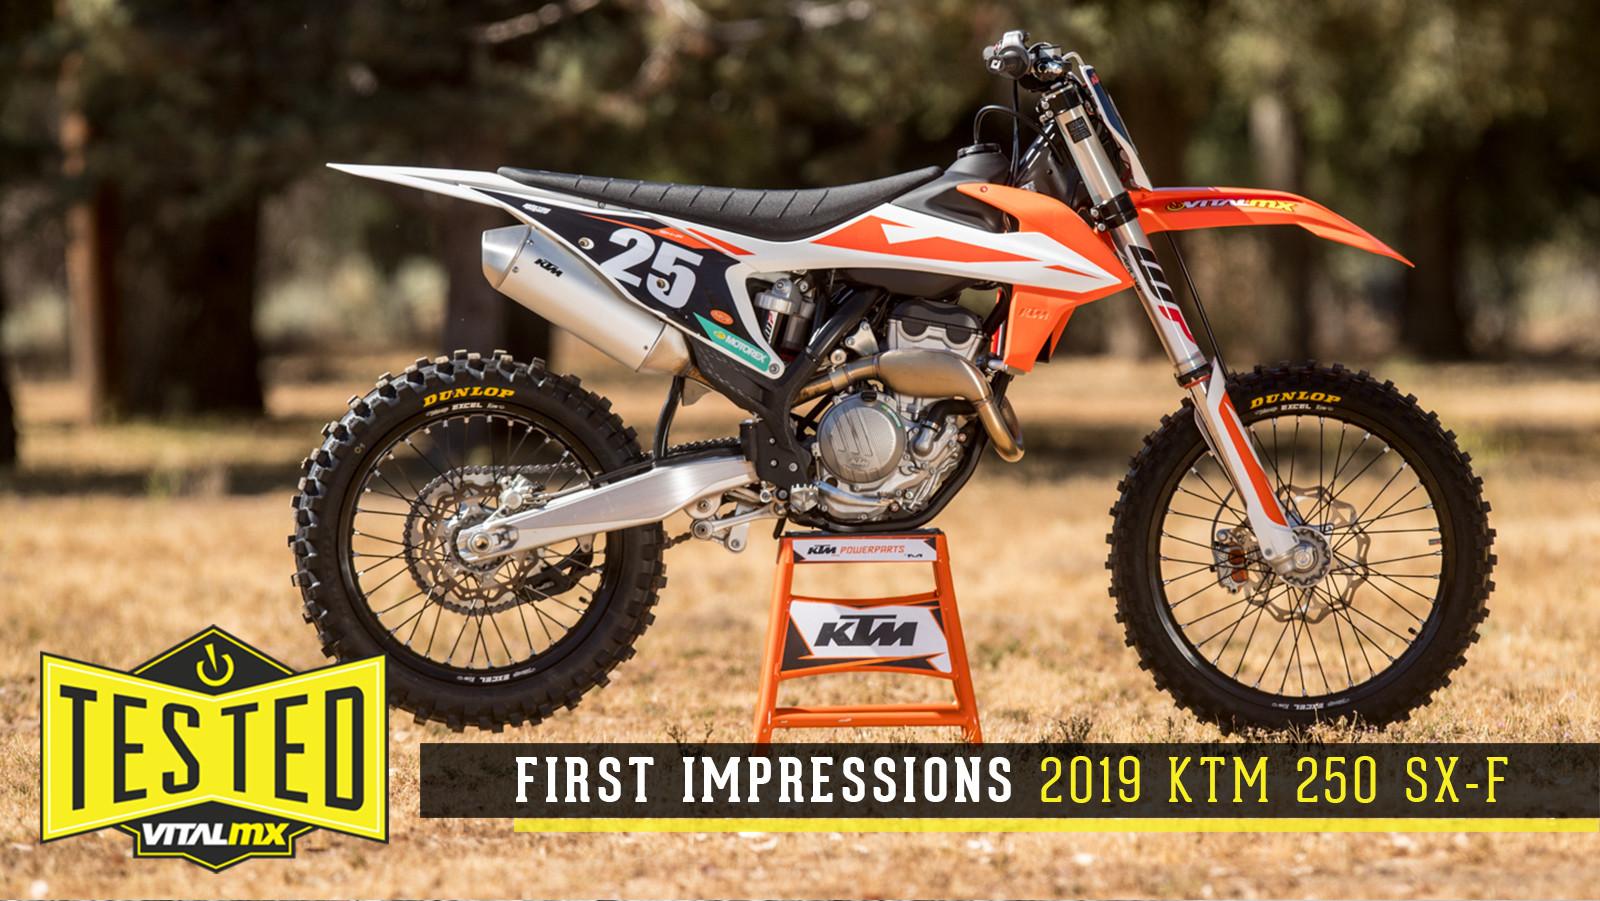 First Impressions: 2019 KTM 250 SX-F